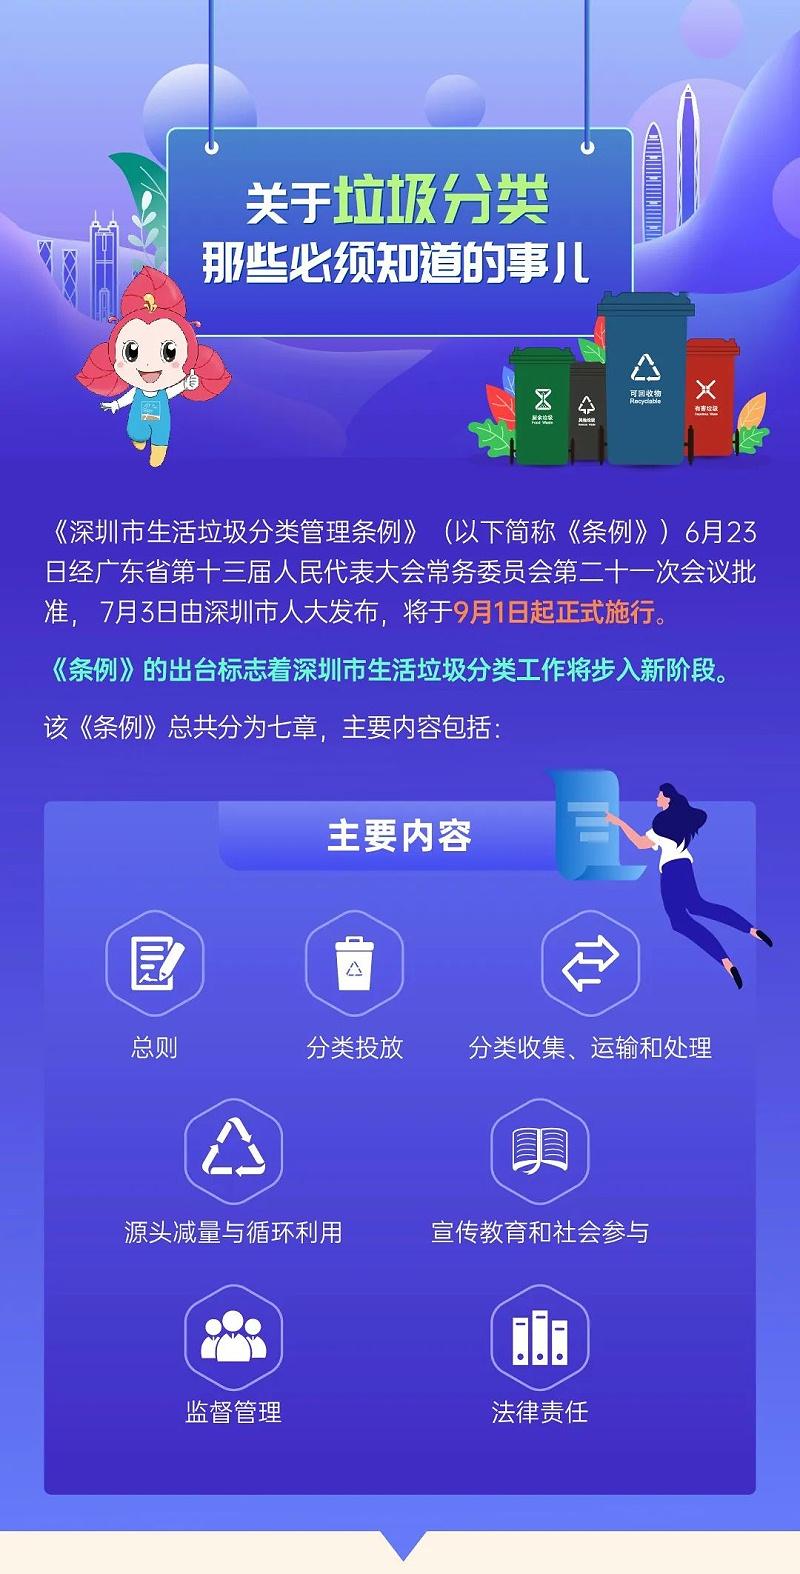 0深圳市生活垃圾分类管理条例正式实施-玉龙环保